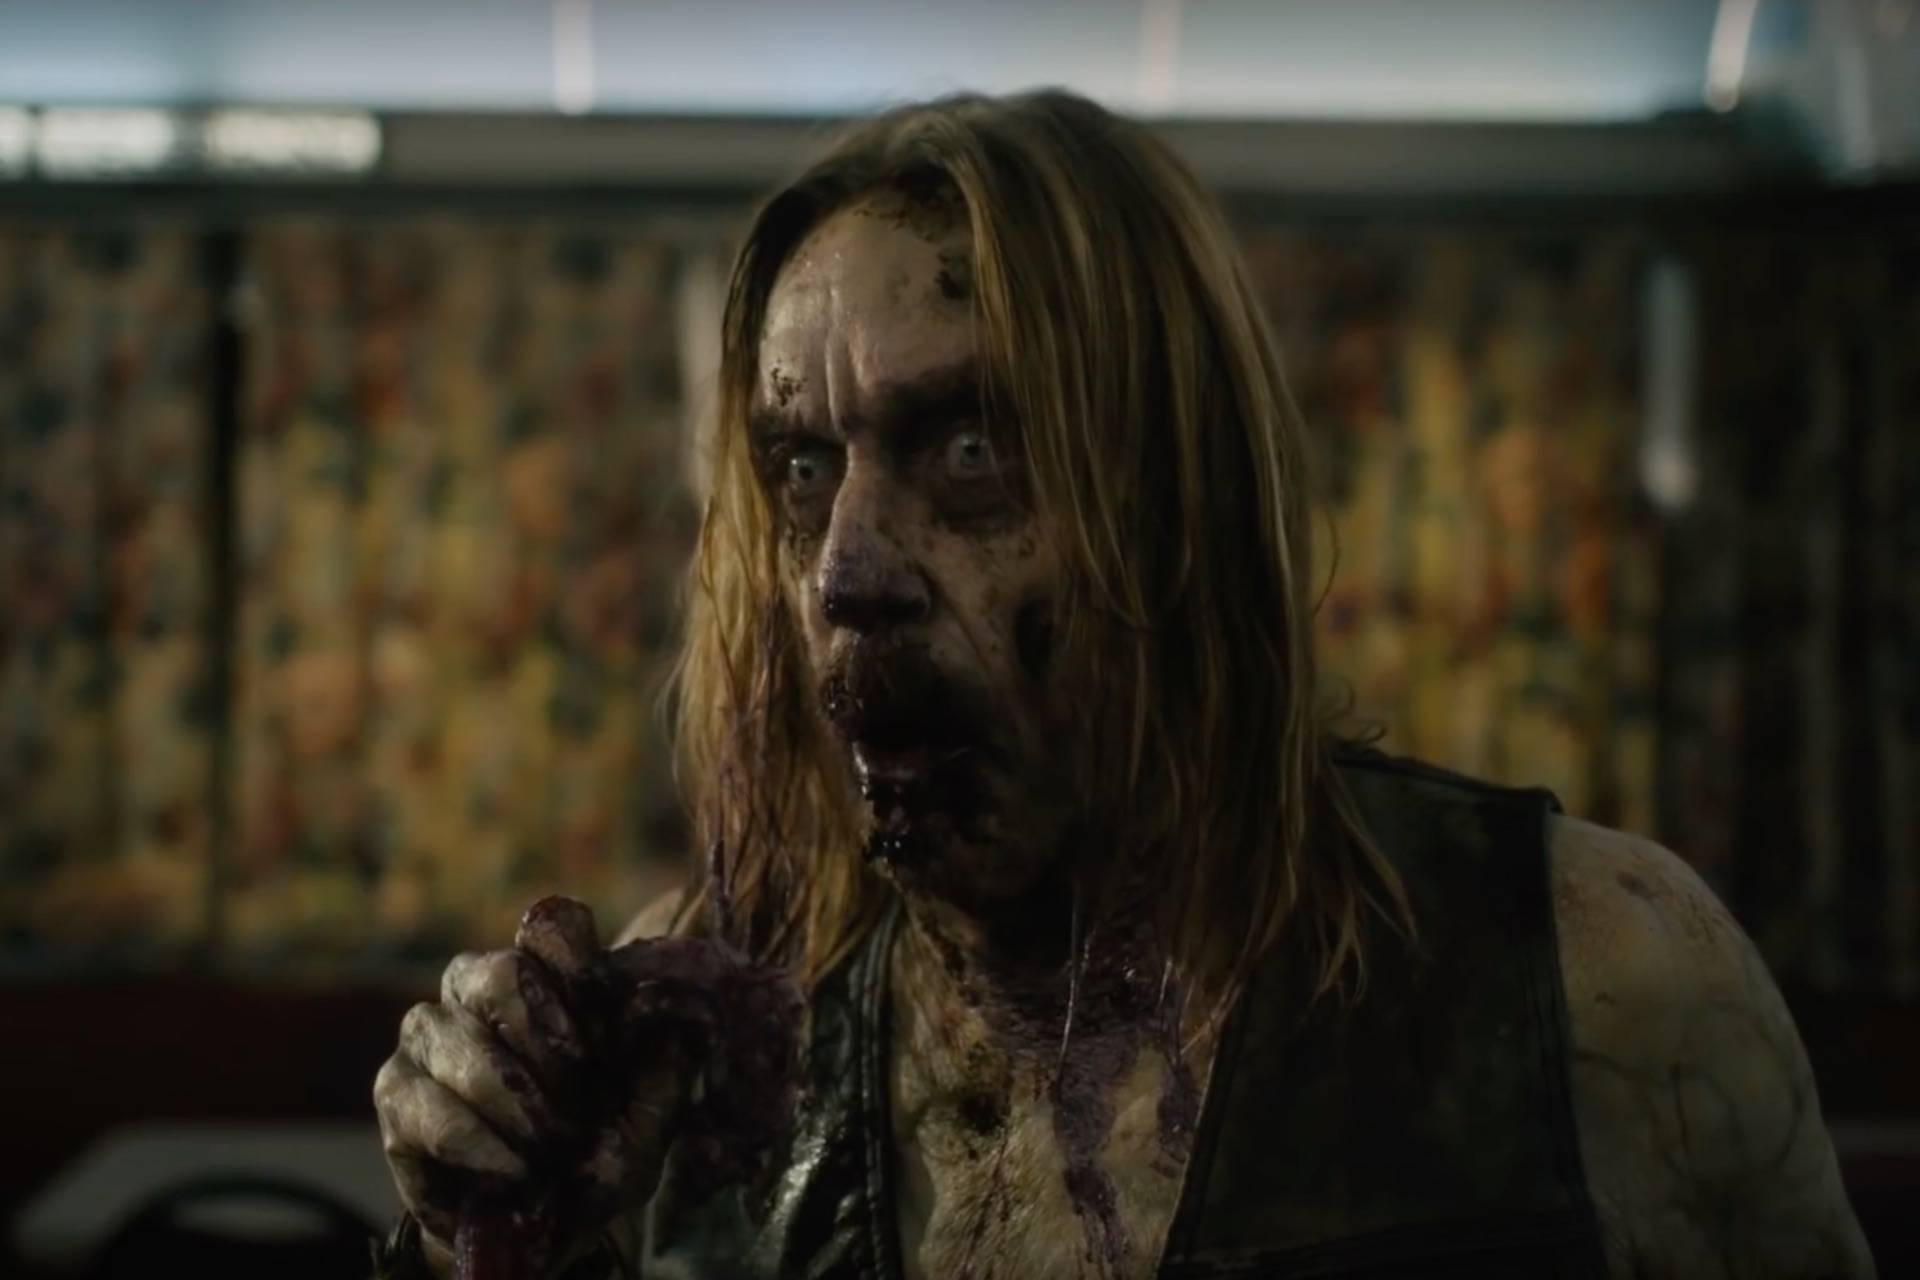 «Мёртвые не умирают»: медленный и печальный зомби-апокалипсис Джармуша